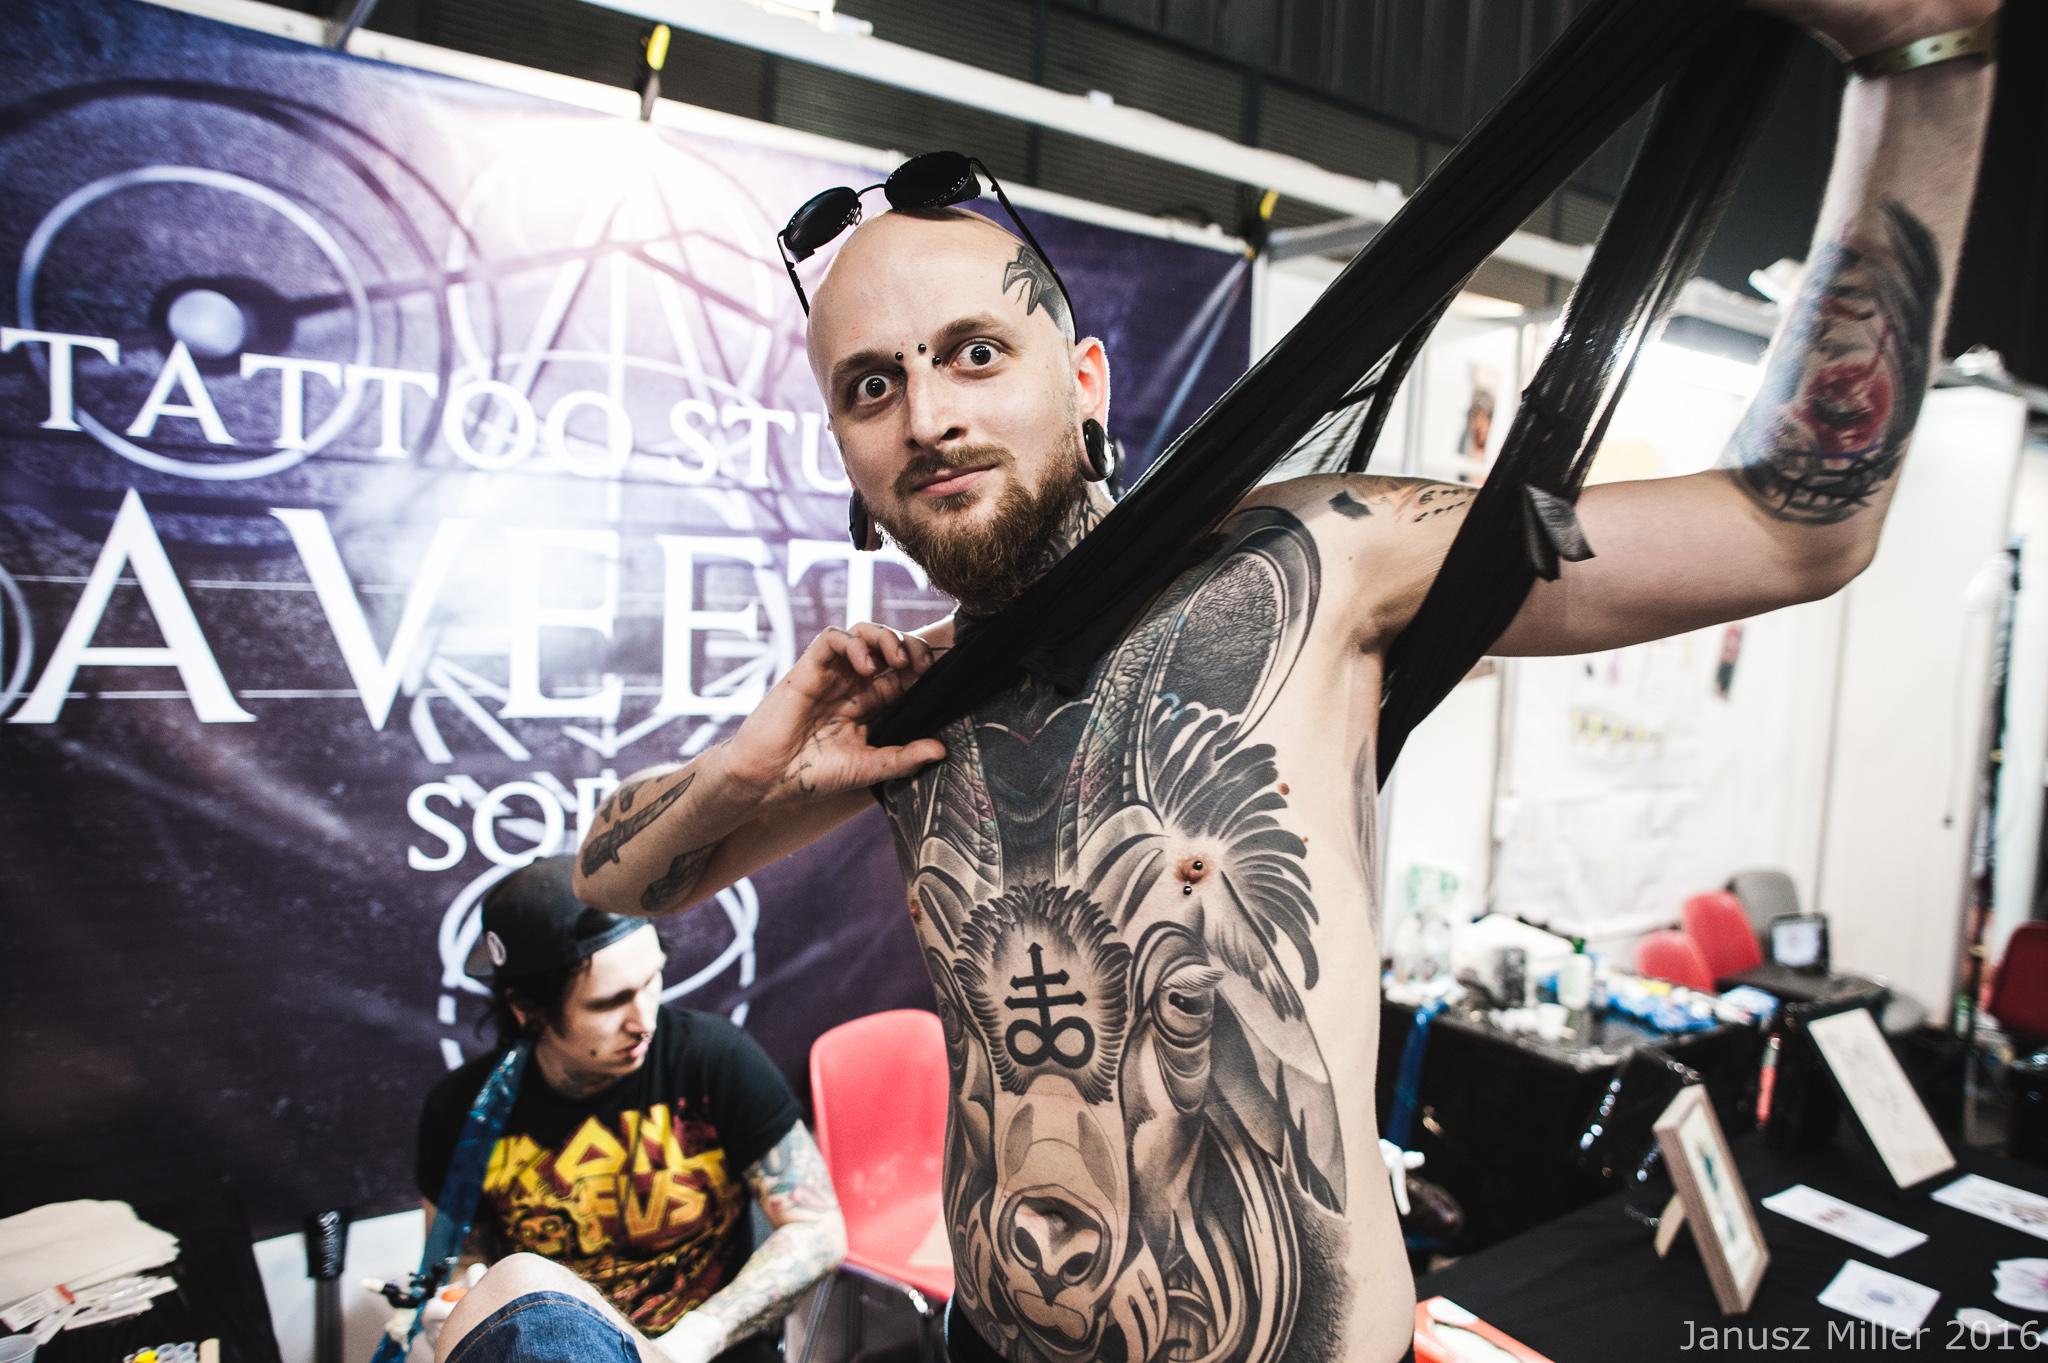 Jubileuszowa edycja Tattoo Konwent już w ten weekend